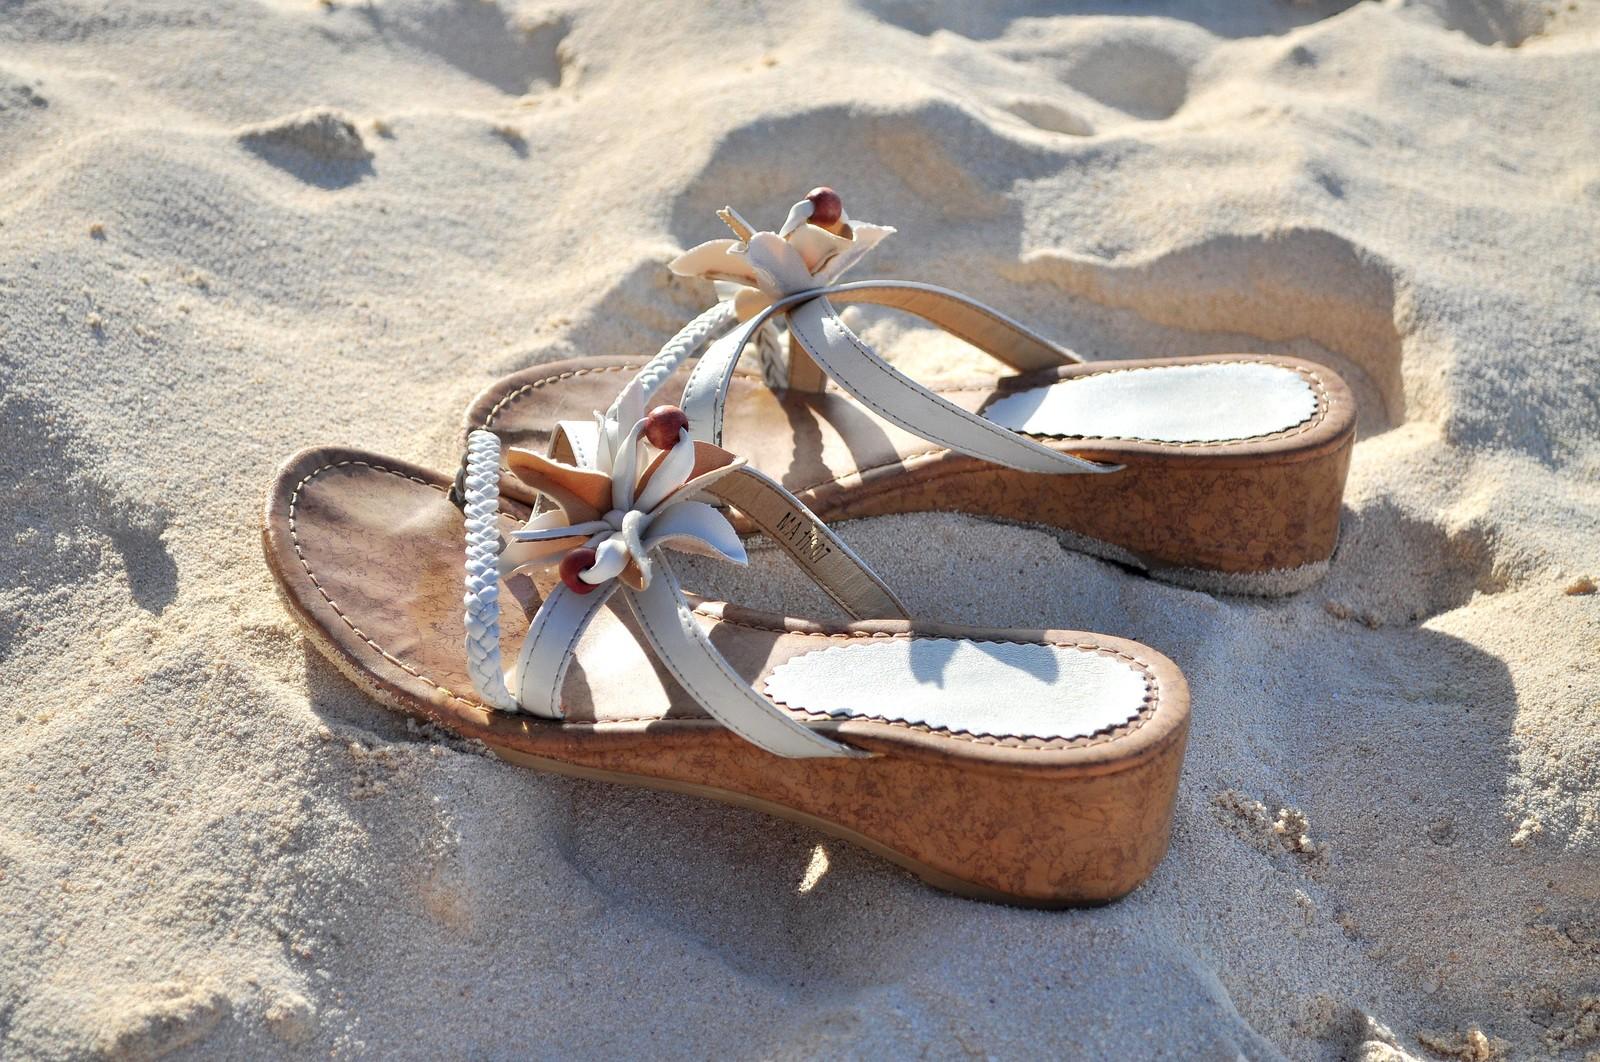 ハワイのビーチサンダルおすすめブランドBEST7!限定品もあり!